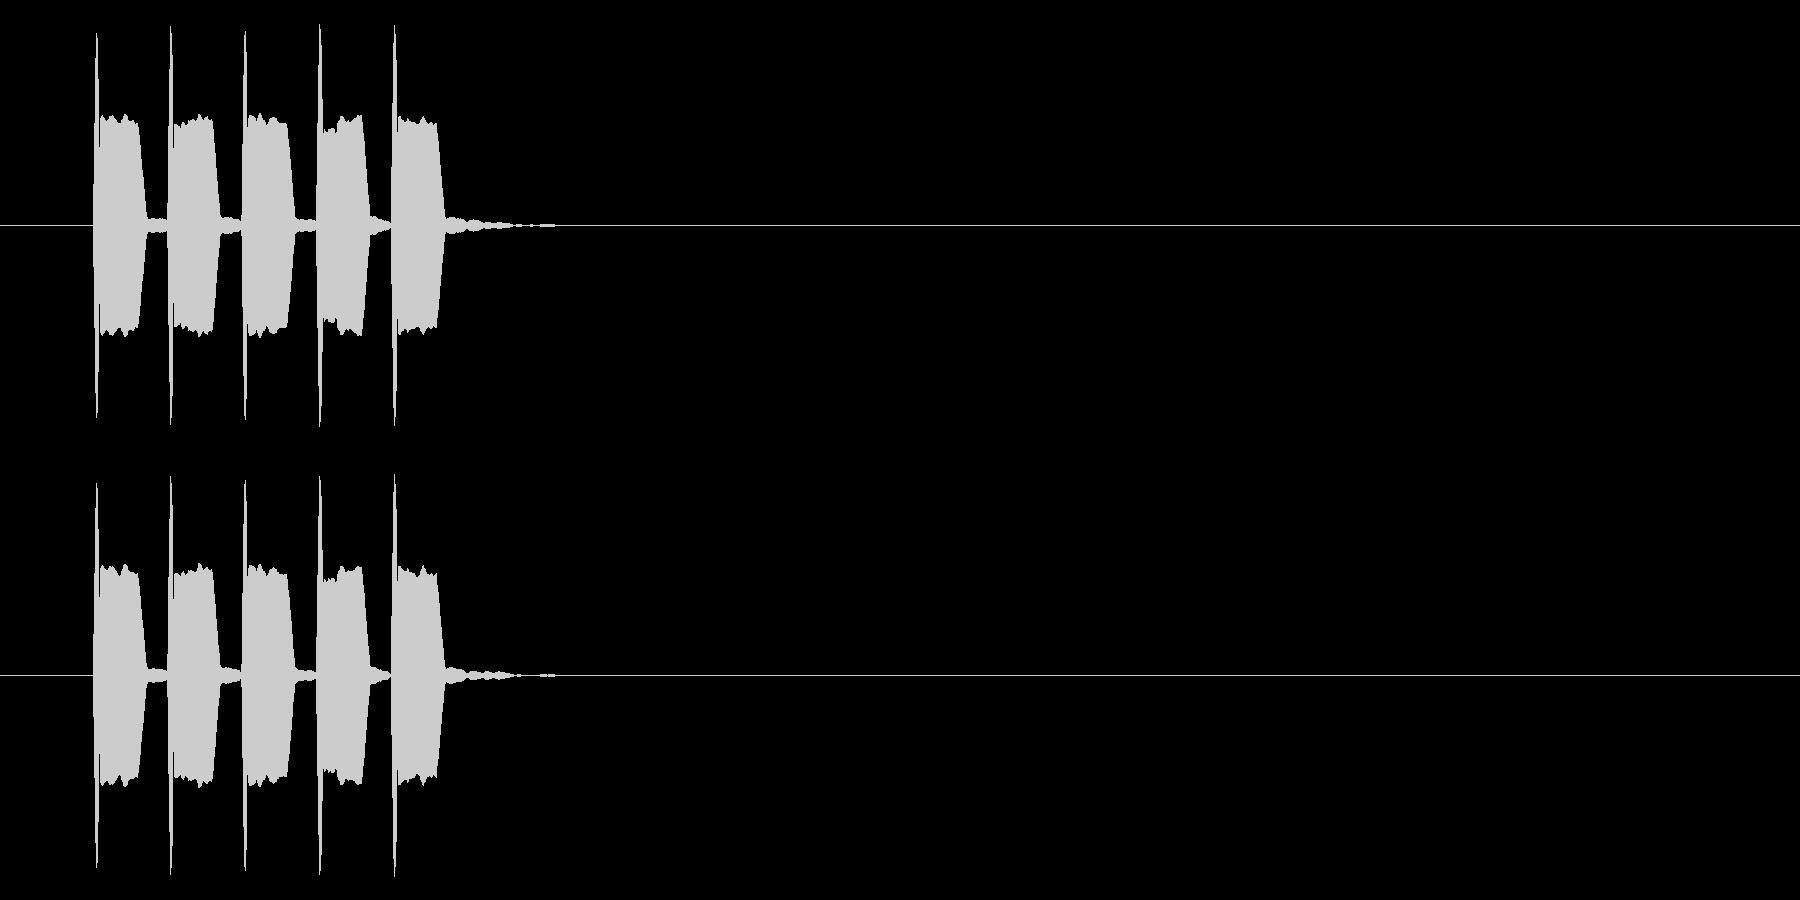 改札 ビープ音01-08(音色2)の未再生の波形